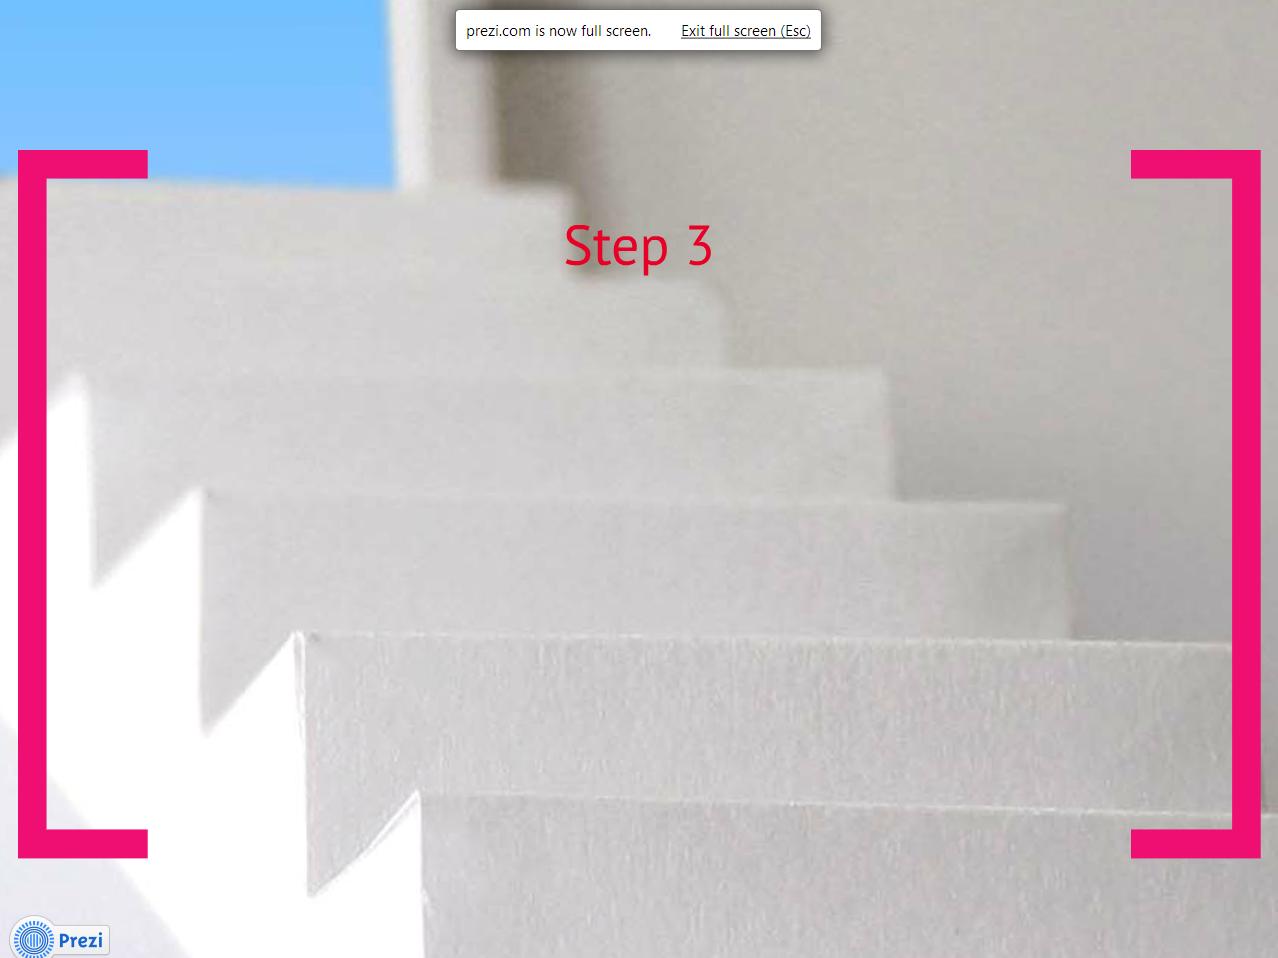 climbing steps dramatic prezi